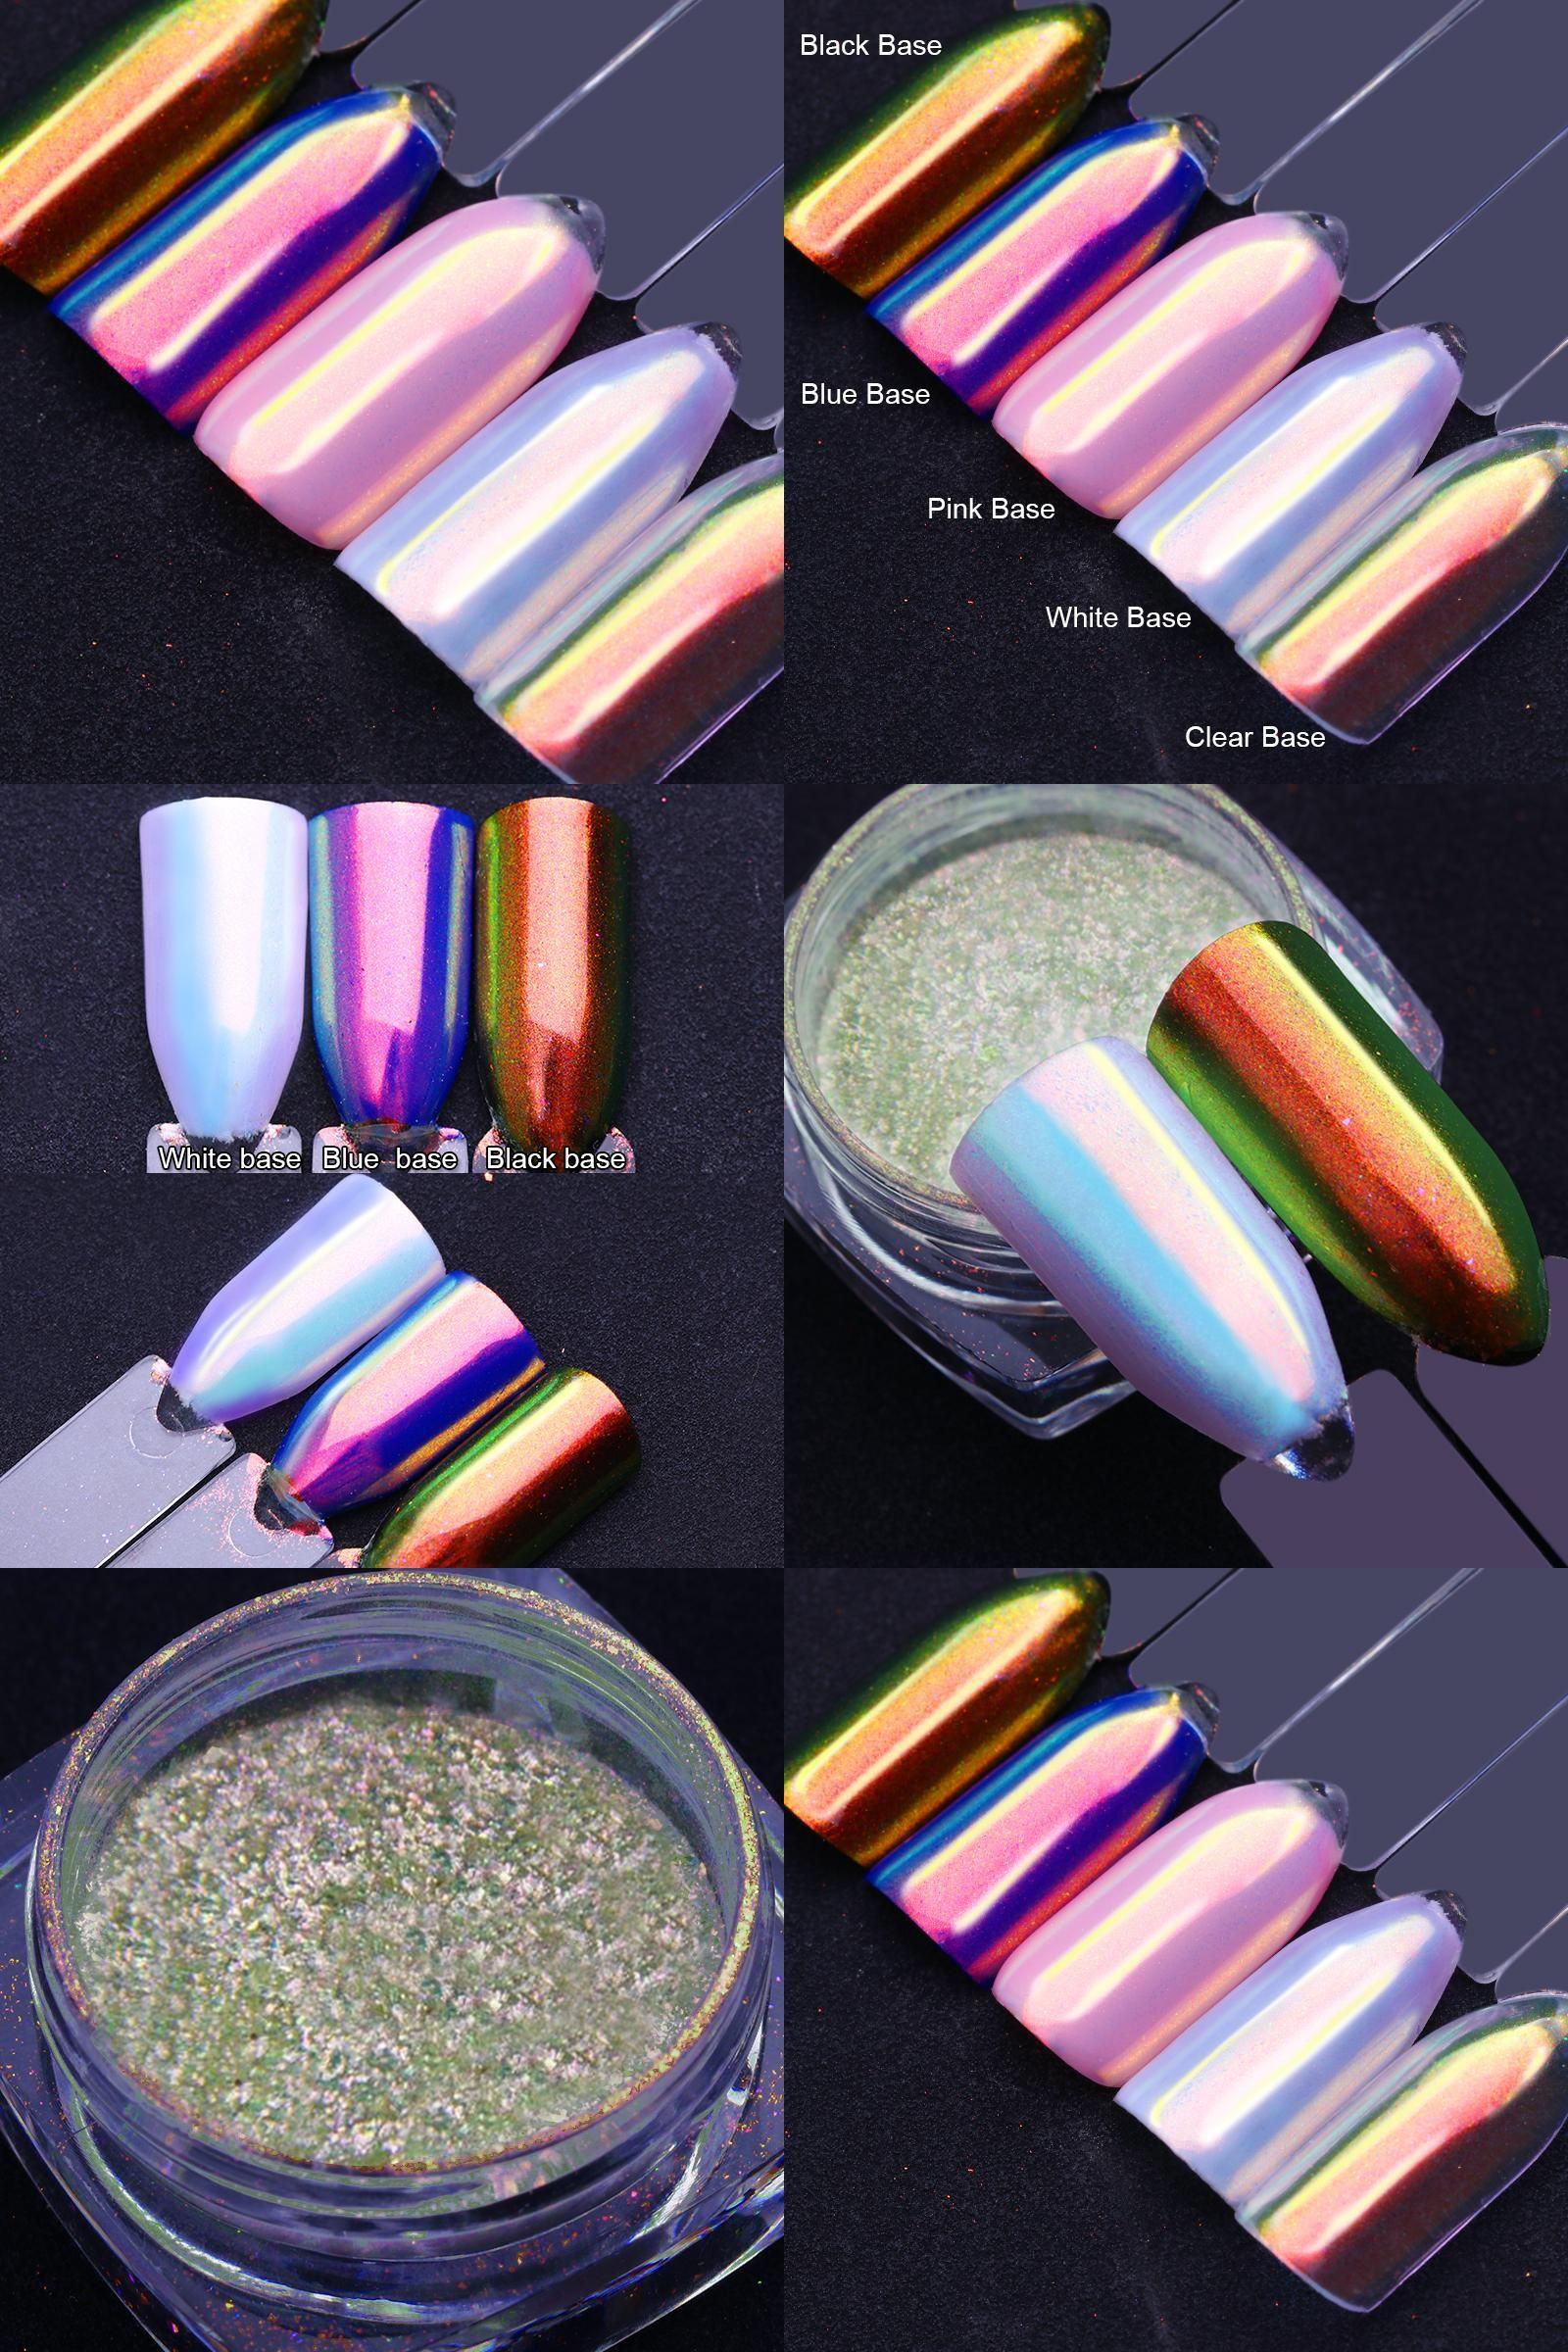 Visit to Buy] Unicorn Chrome Chameleon Nail Glitter 0.8g Metallic ...